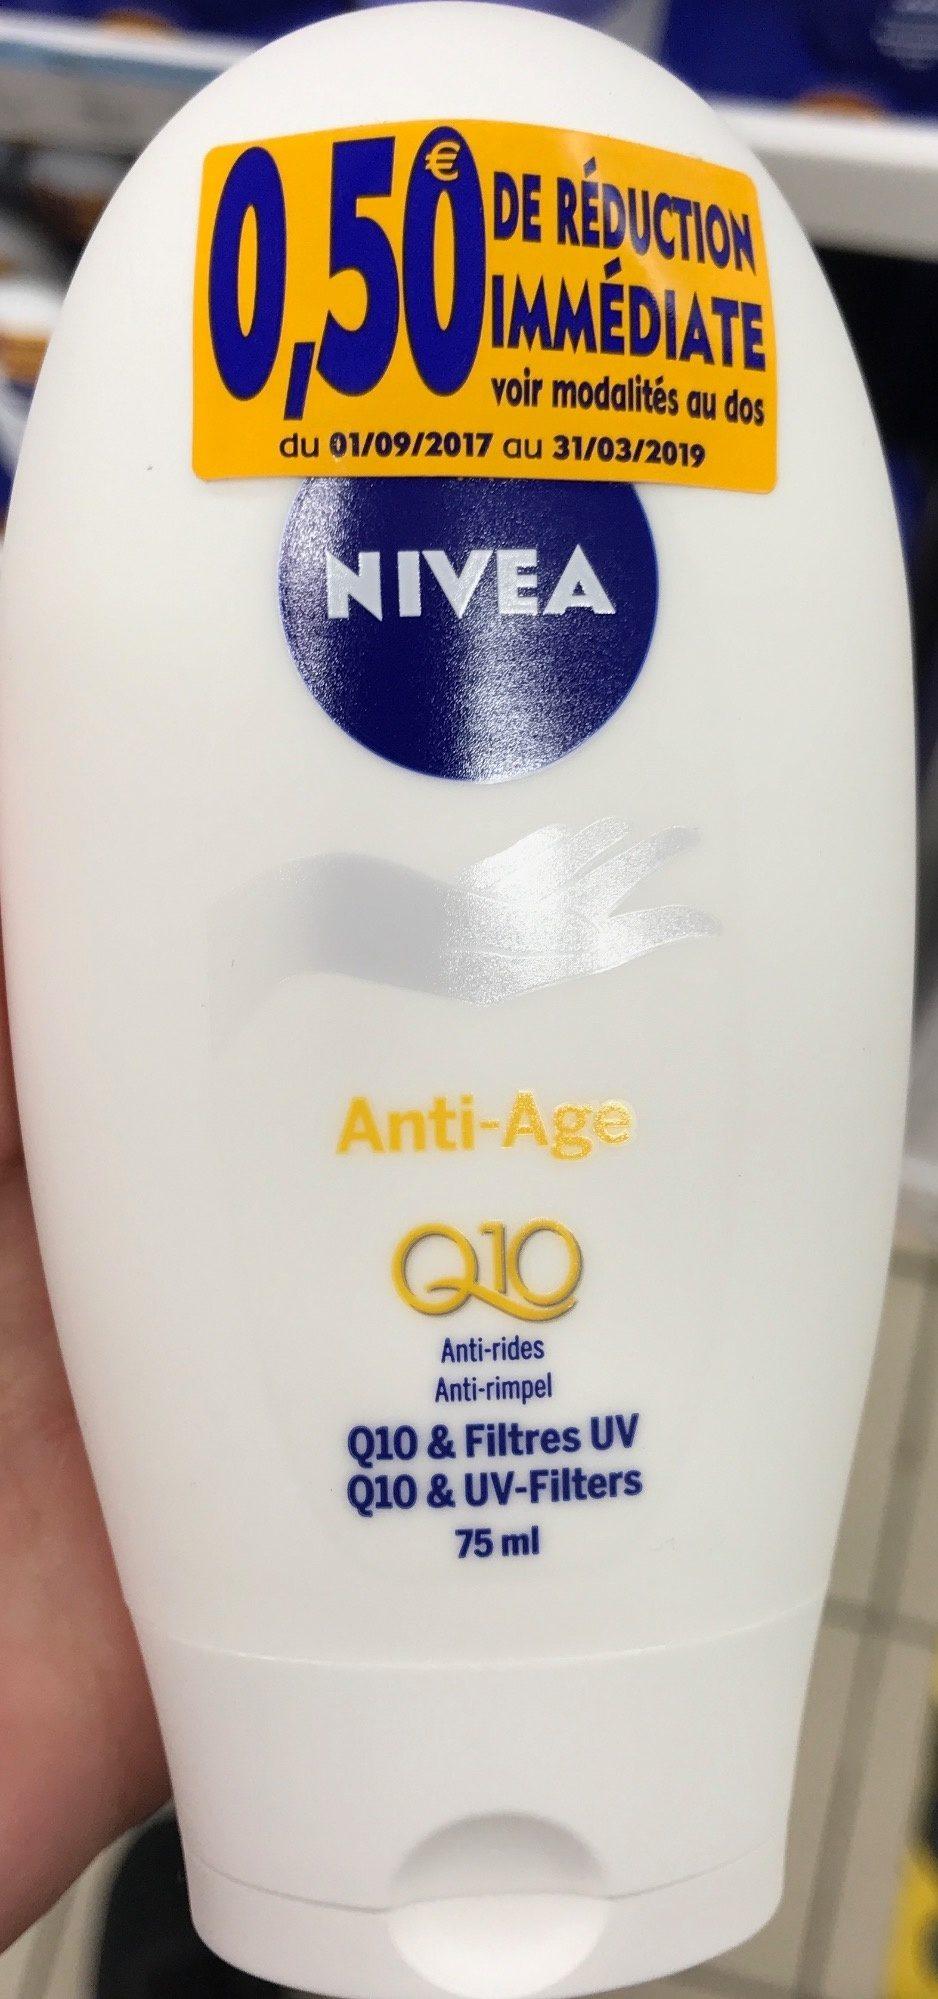 Anti-Âge Q10 & Filtres UV - Product